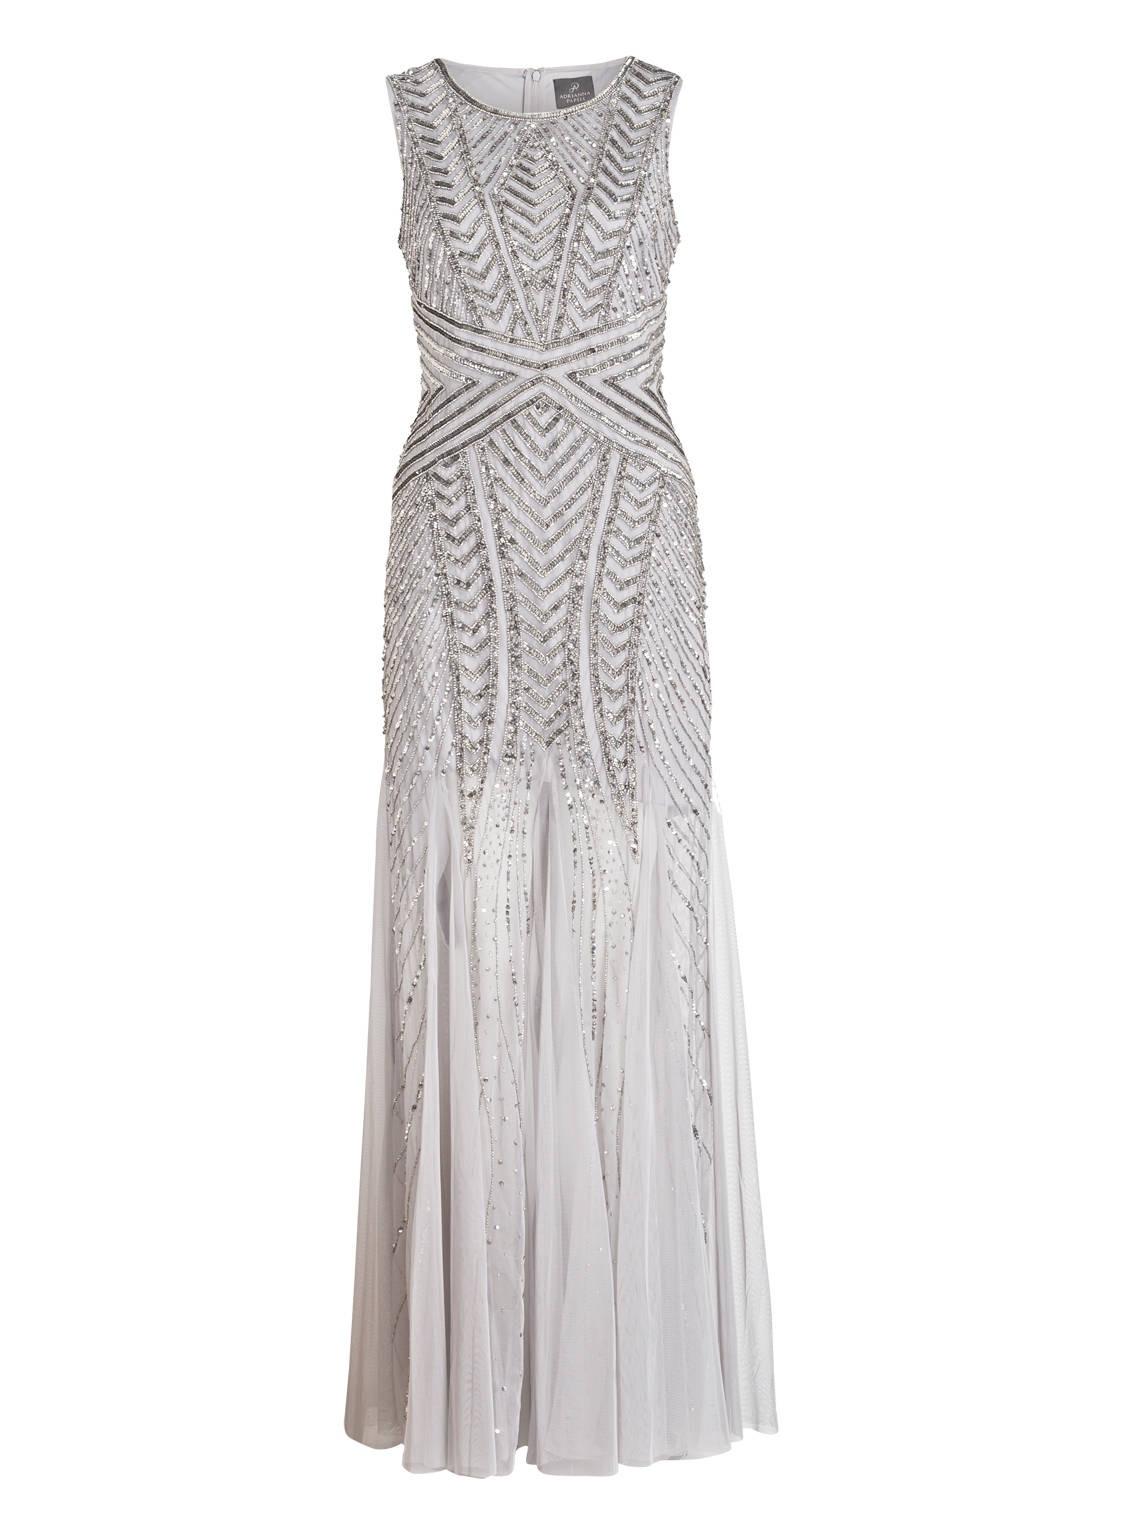 Top-Mode schnüren in fantastische Einsparungen bonprix de kategorie damen kleider abendkleider lang ...